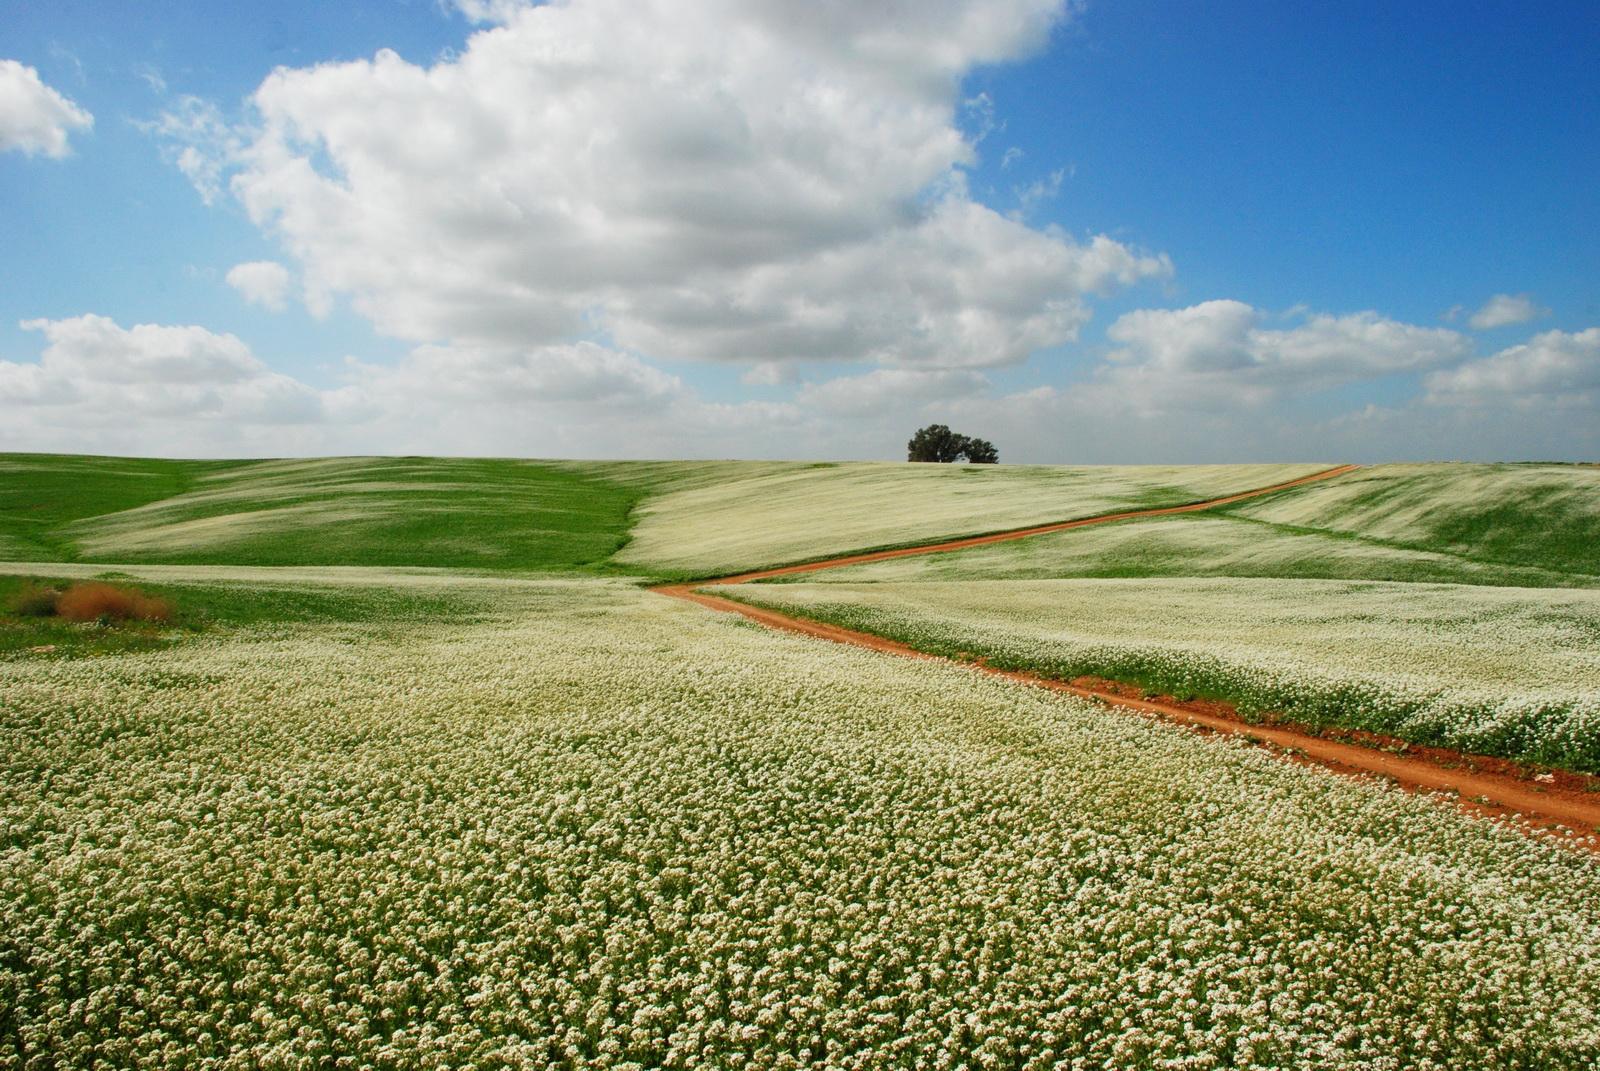 טוריים מצויים בשדות הנגב